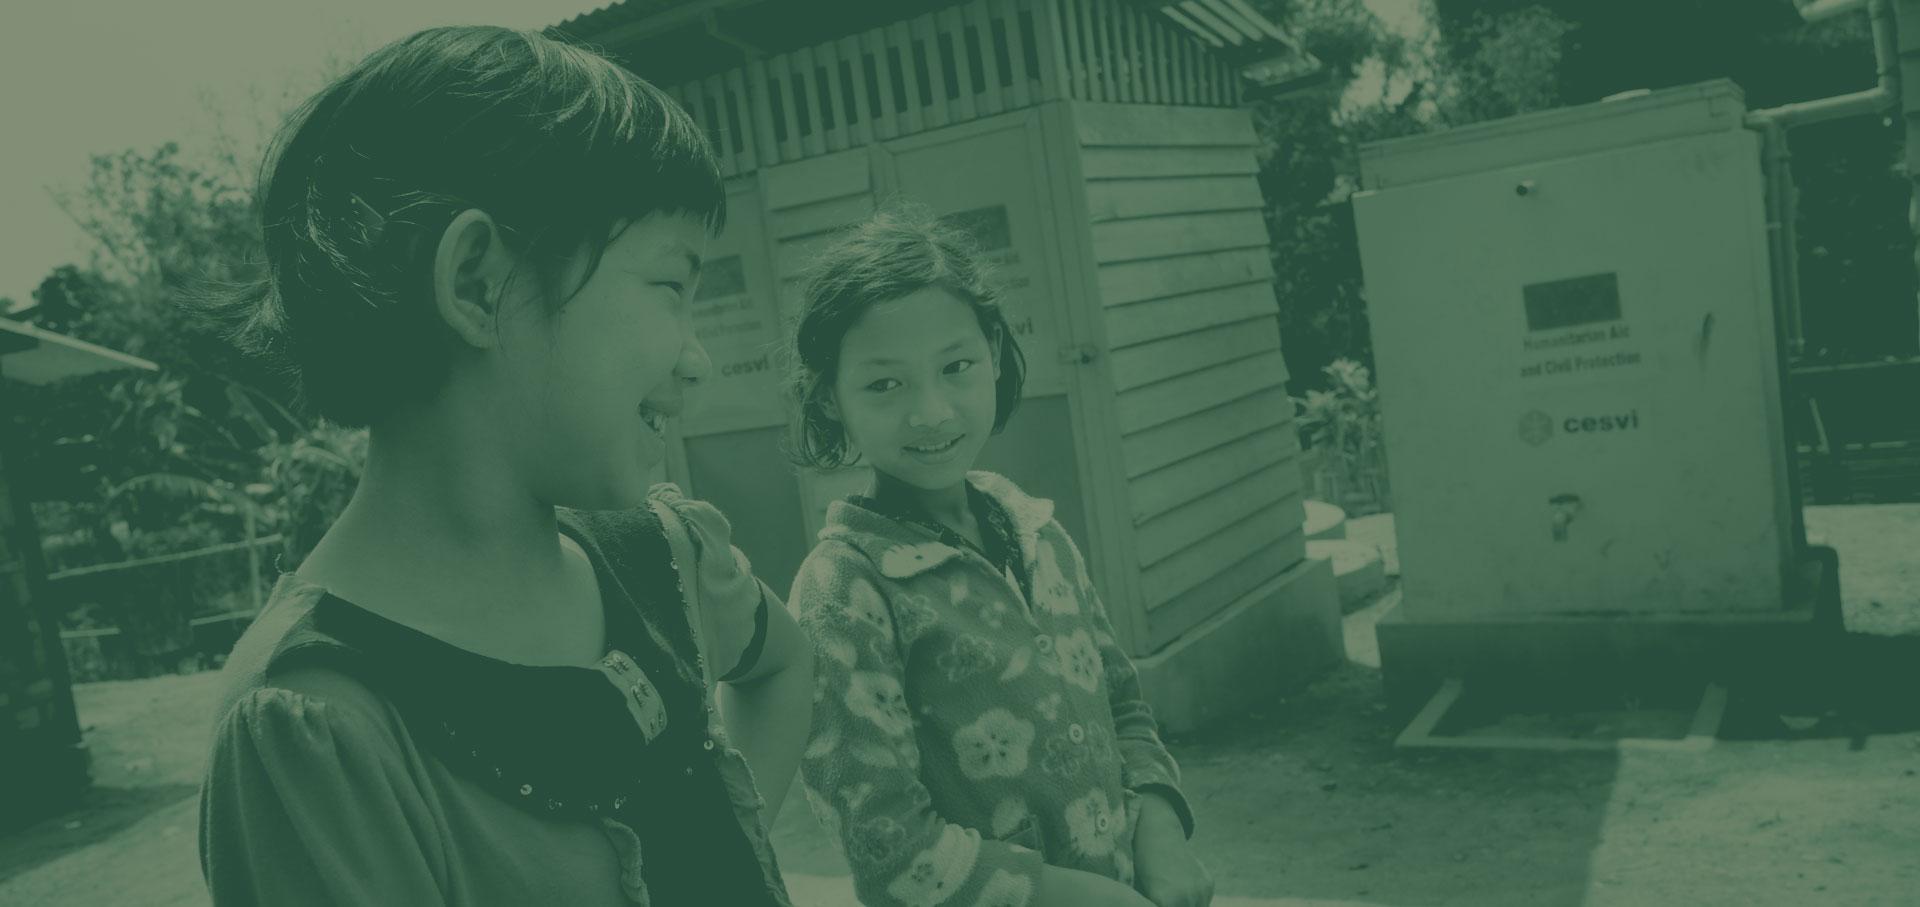 Acqua e speranza in Kachin